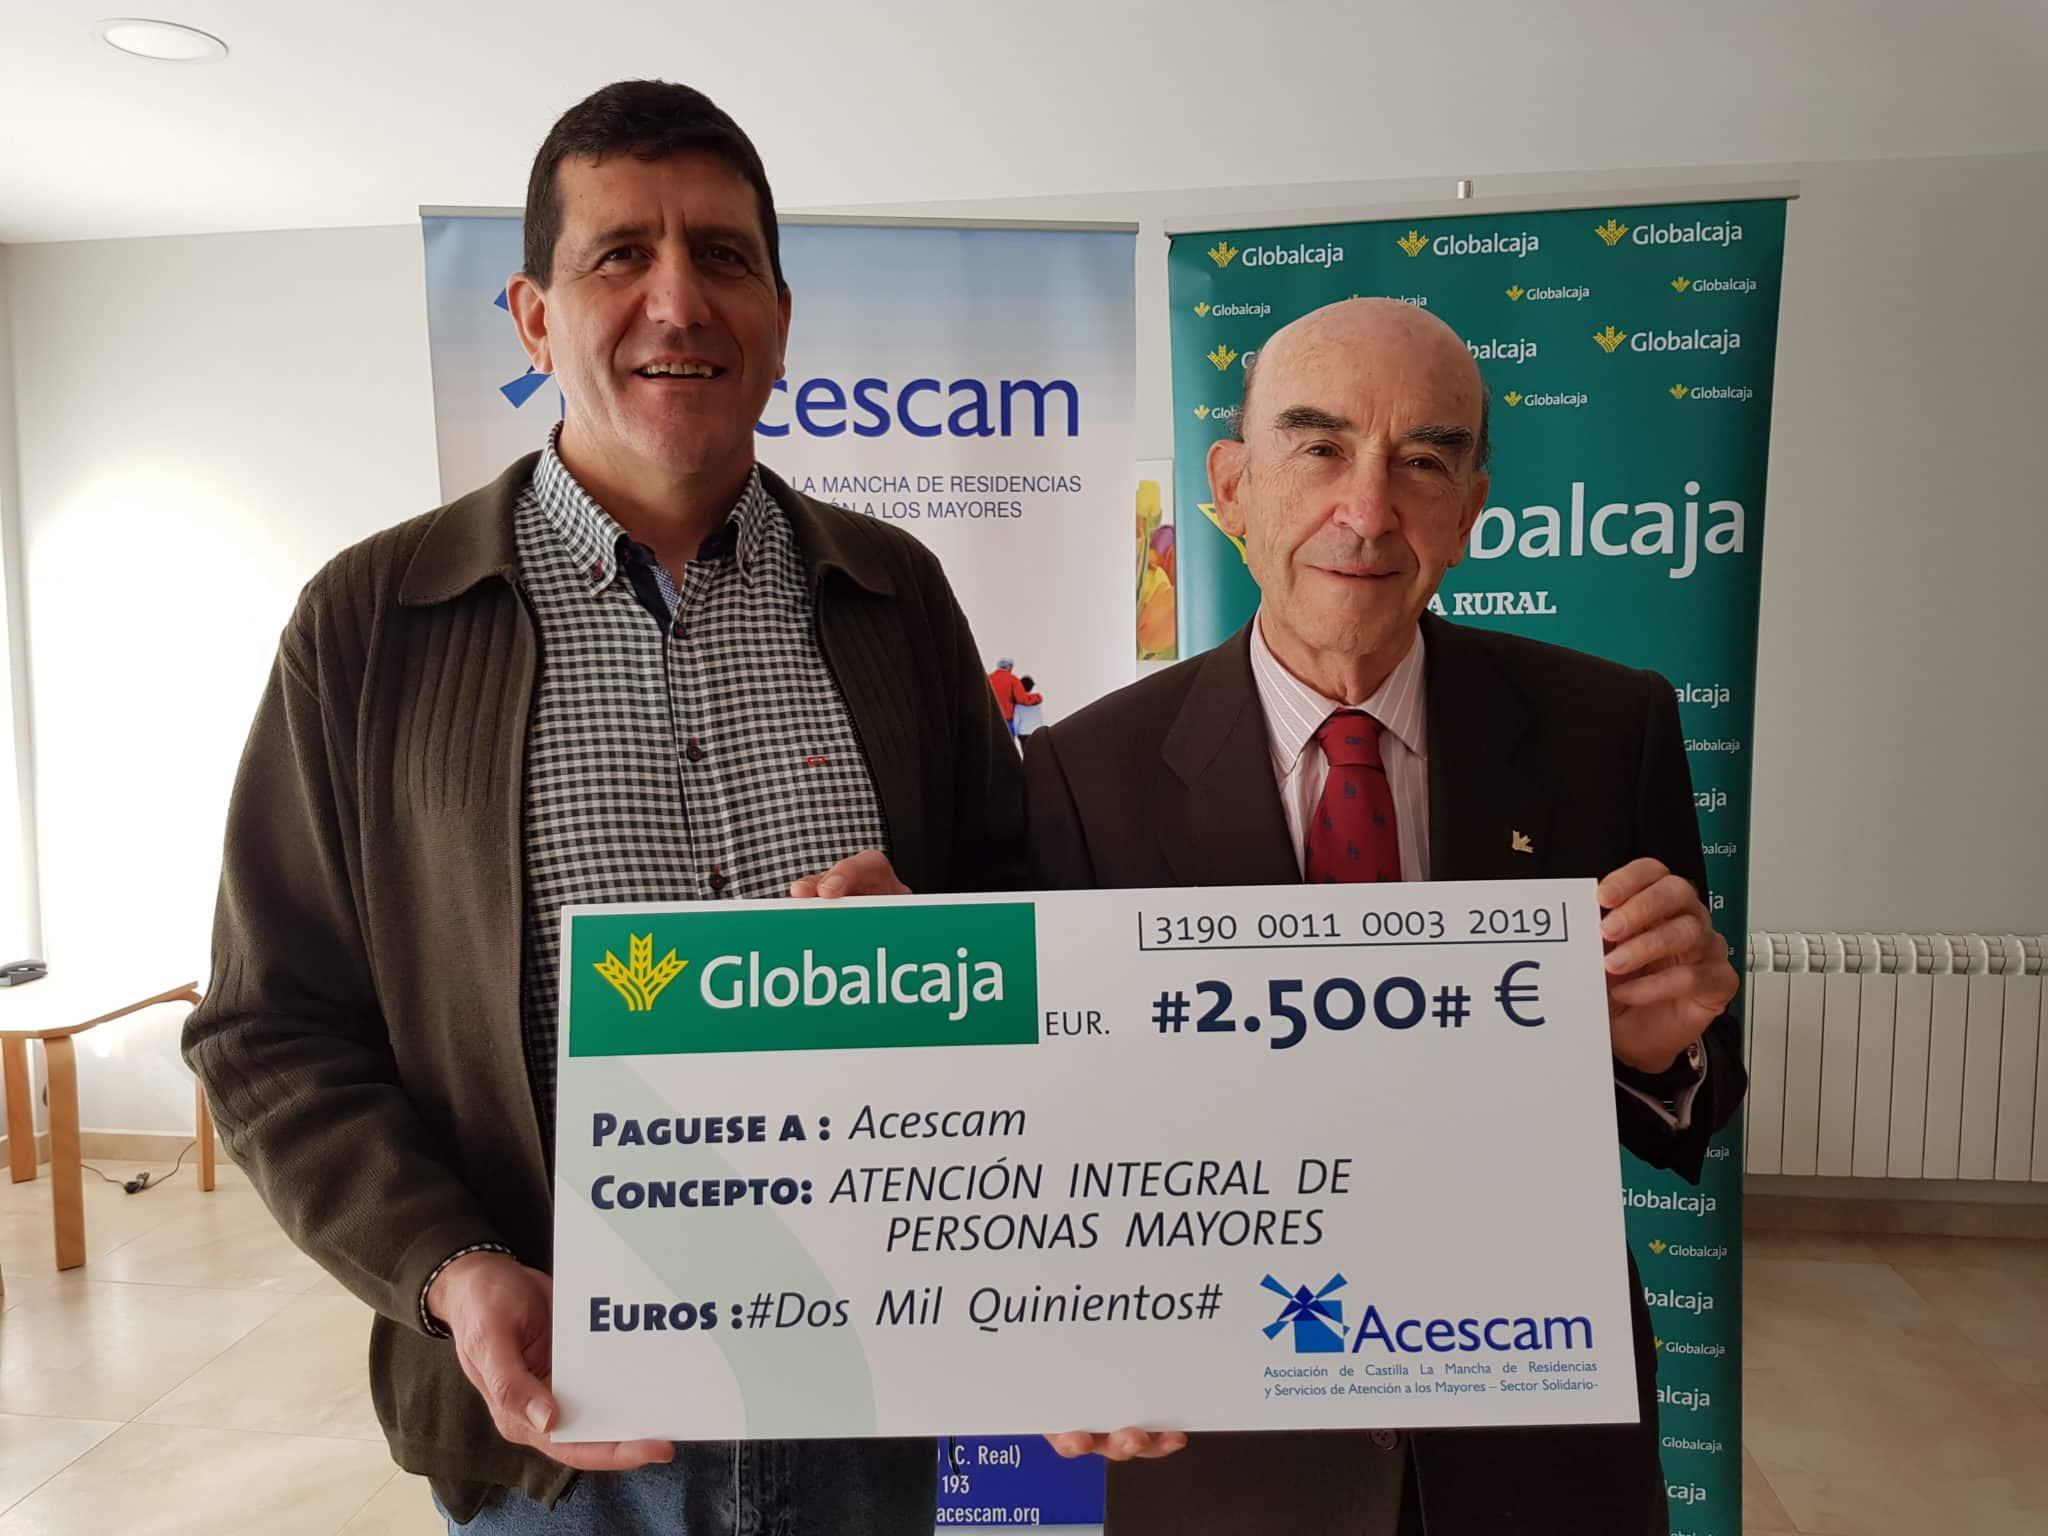 https://blog.globalcaja.es/wp-content/uploads/2019/03/ACESCAM.jpg